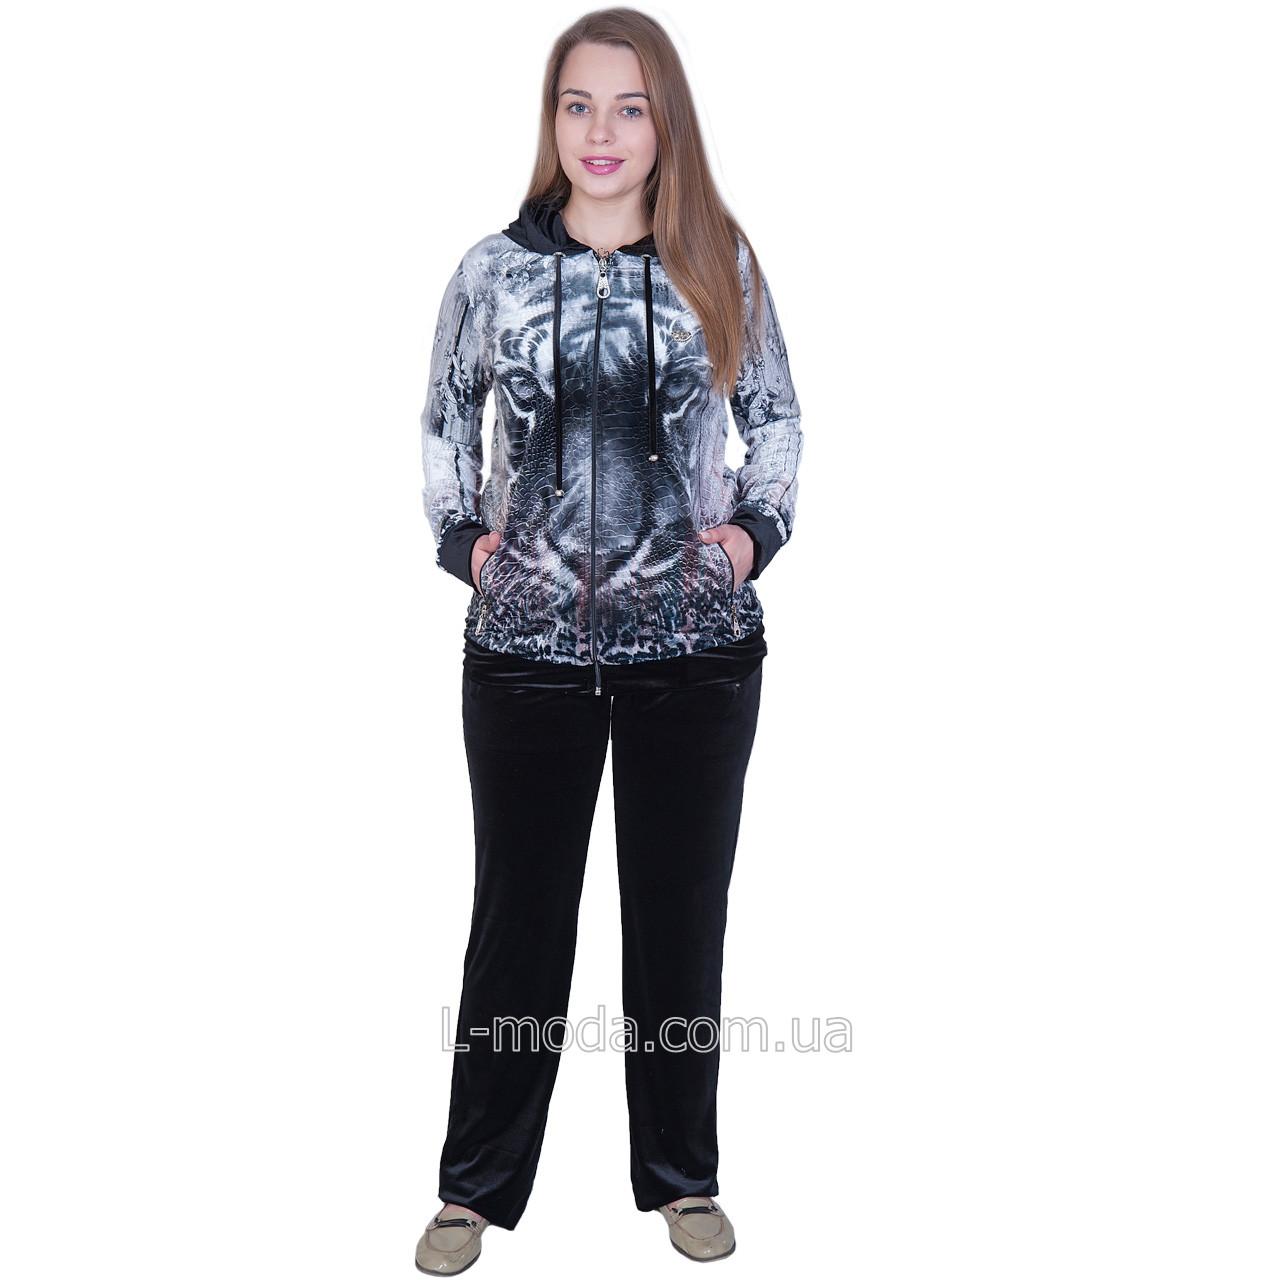 Спортивный костюм женский велюровый туретского бренда 0RR-N3941